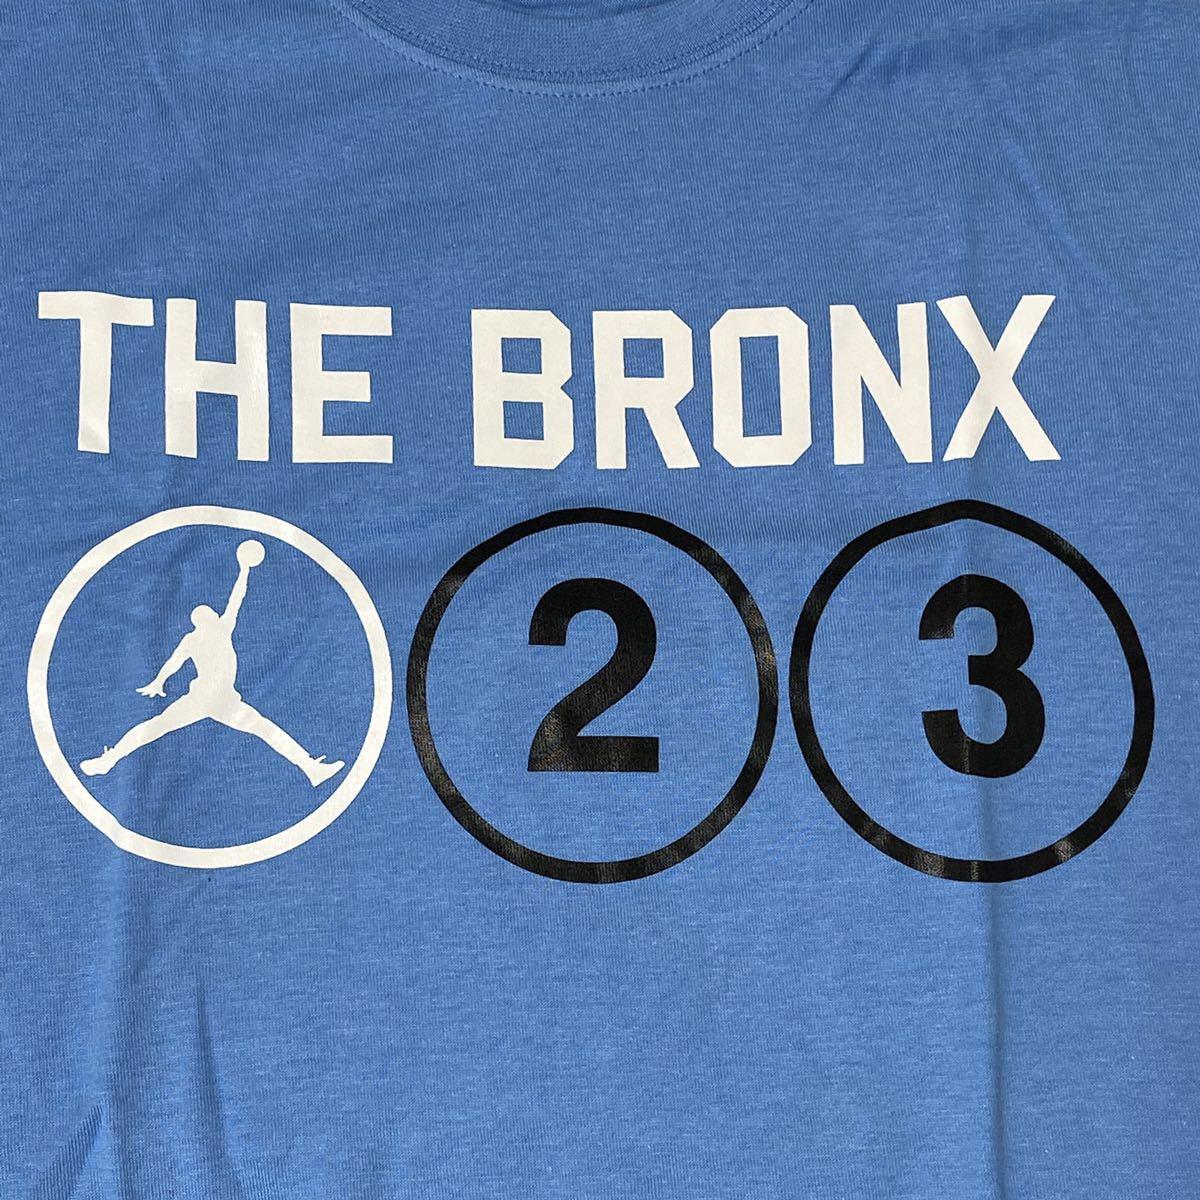 【激レア・即発送可】 NIKE AIR JORDAN NY SUBWAYモチーフTシャツ sizeM エアジョーダン 地下鉄 THE BRONX _画像1